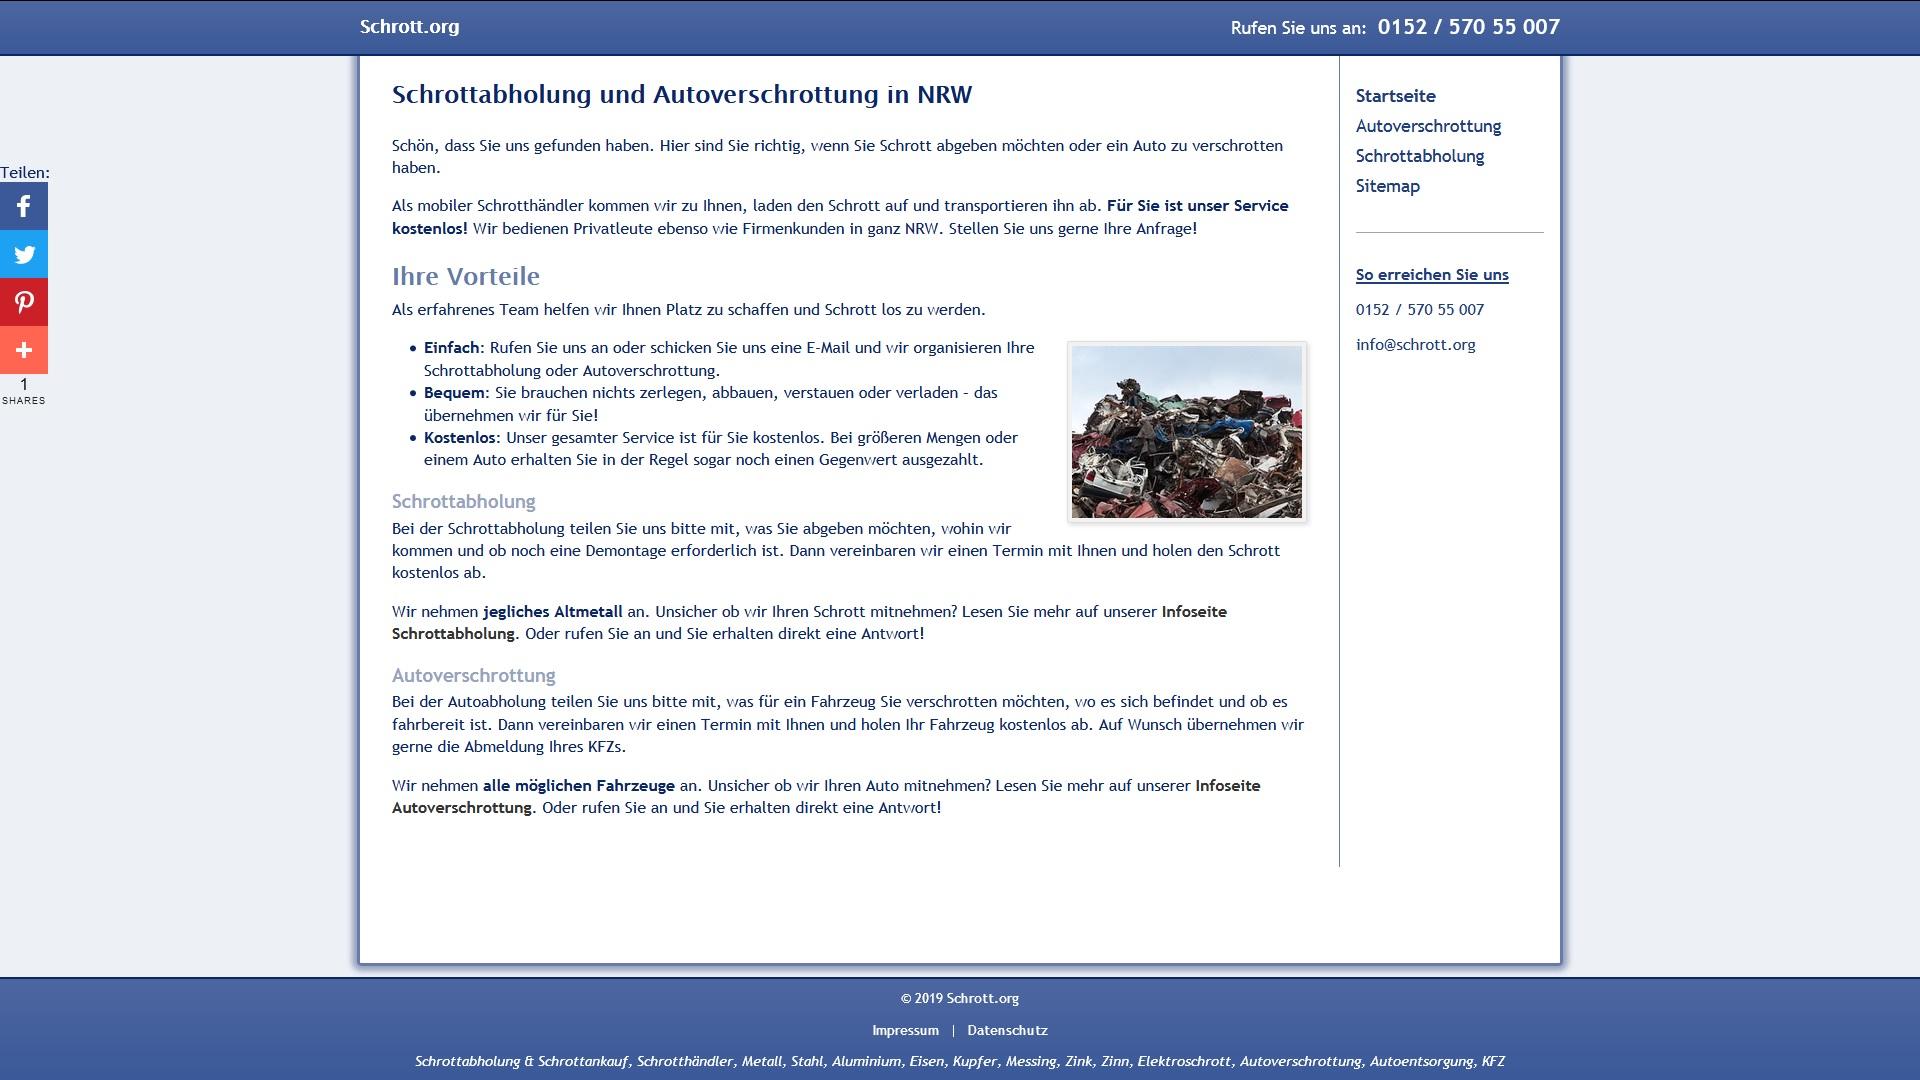 schrottabholung in nrw nutzen sie den kostenlosen service - Schrottabholung in NRW: Nutzen Sie den kostenlosen Service